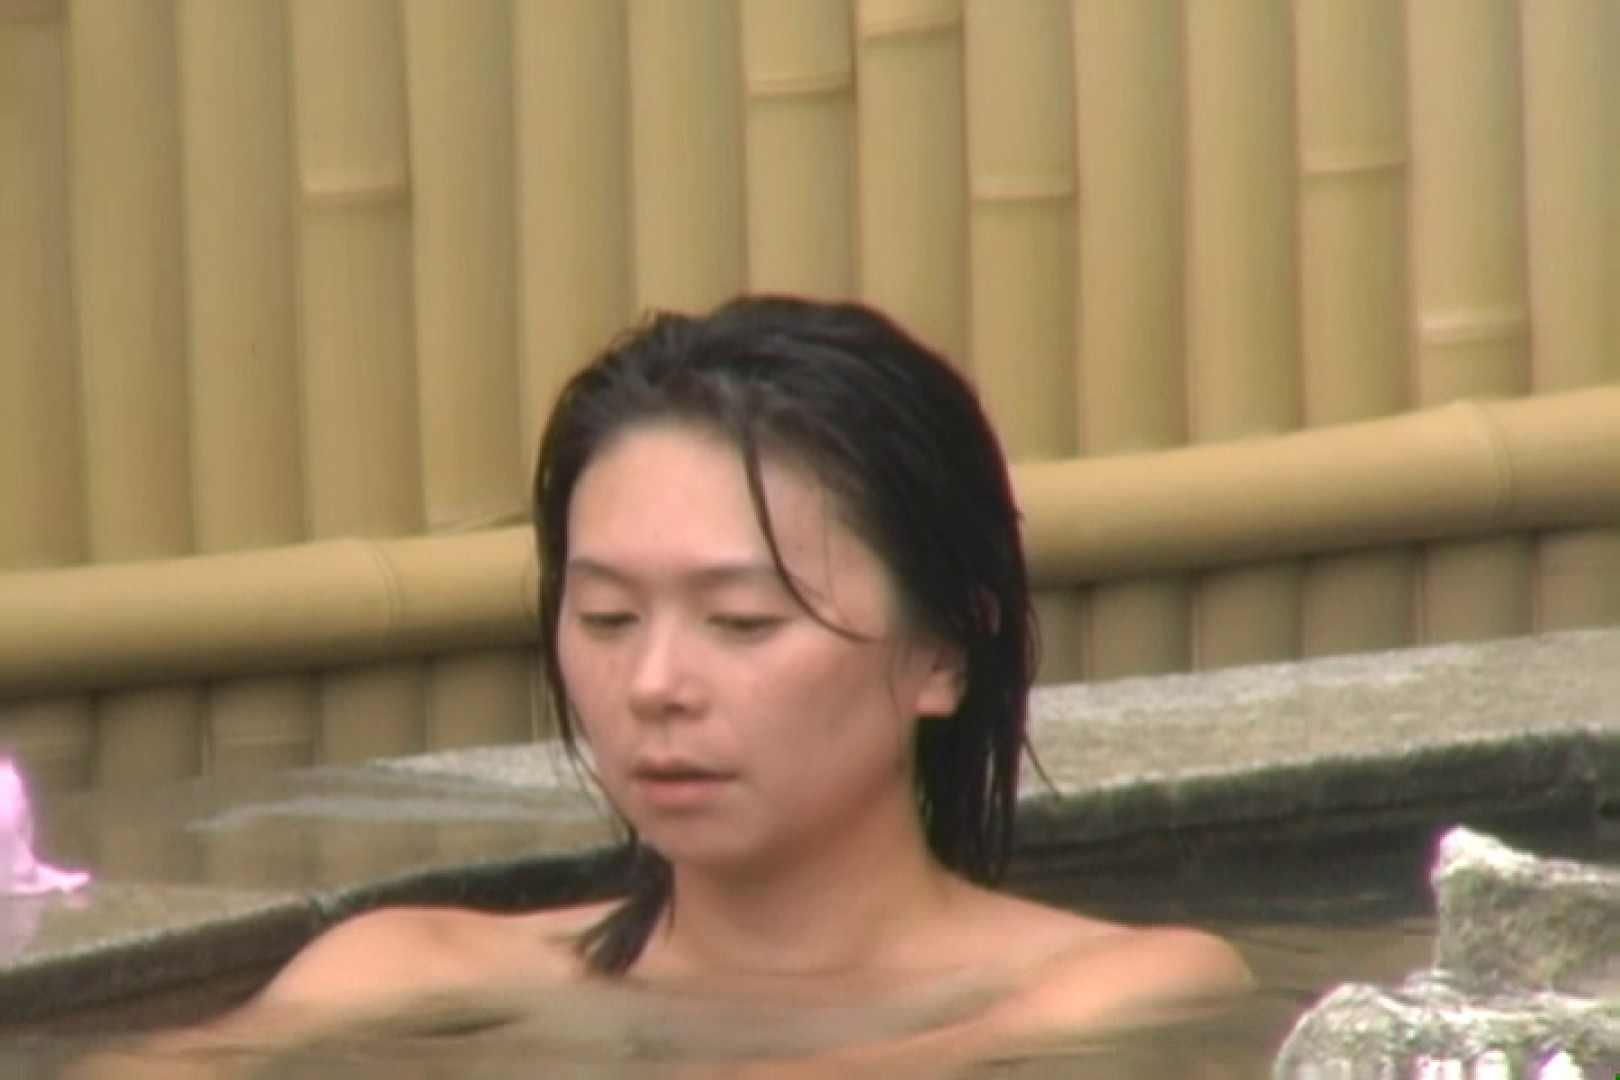 Aquaな露天風呂Vol.619 露天 セックス画像 107pic 4